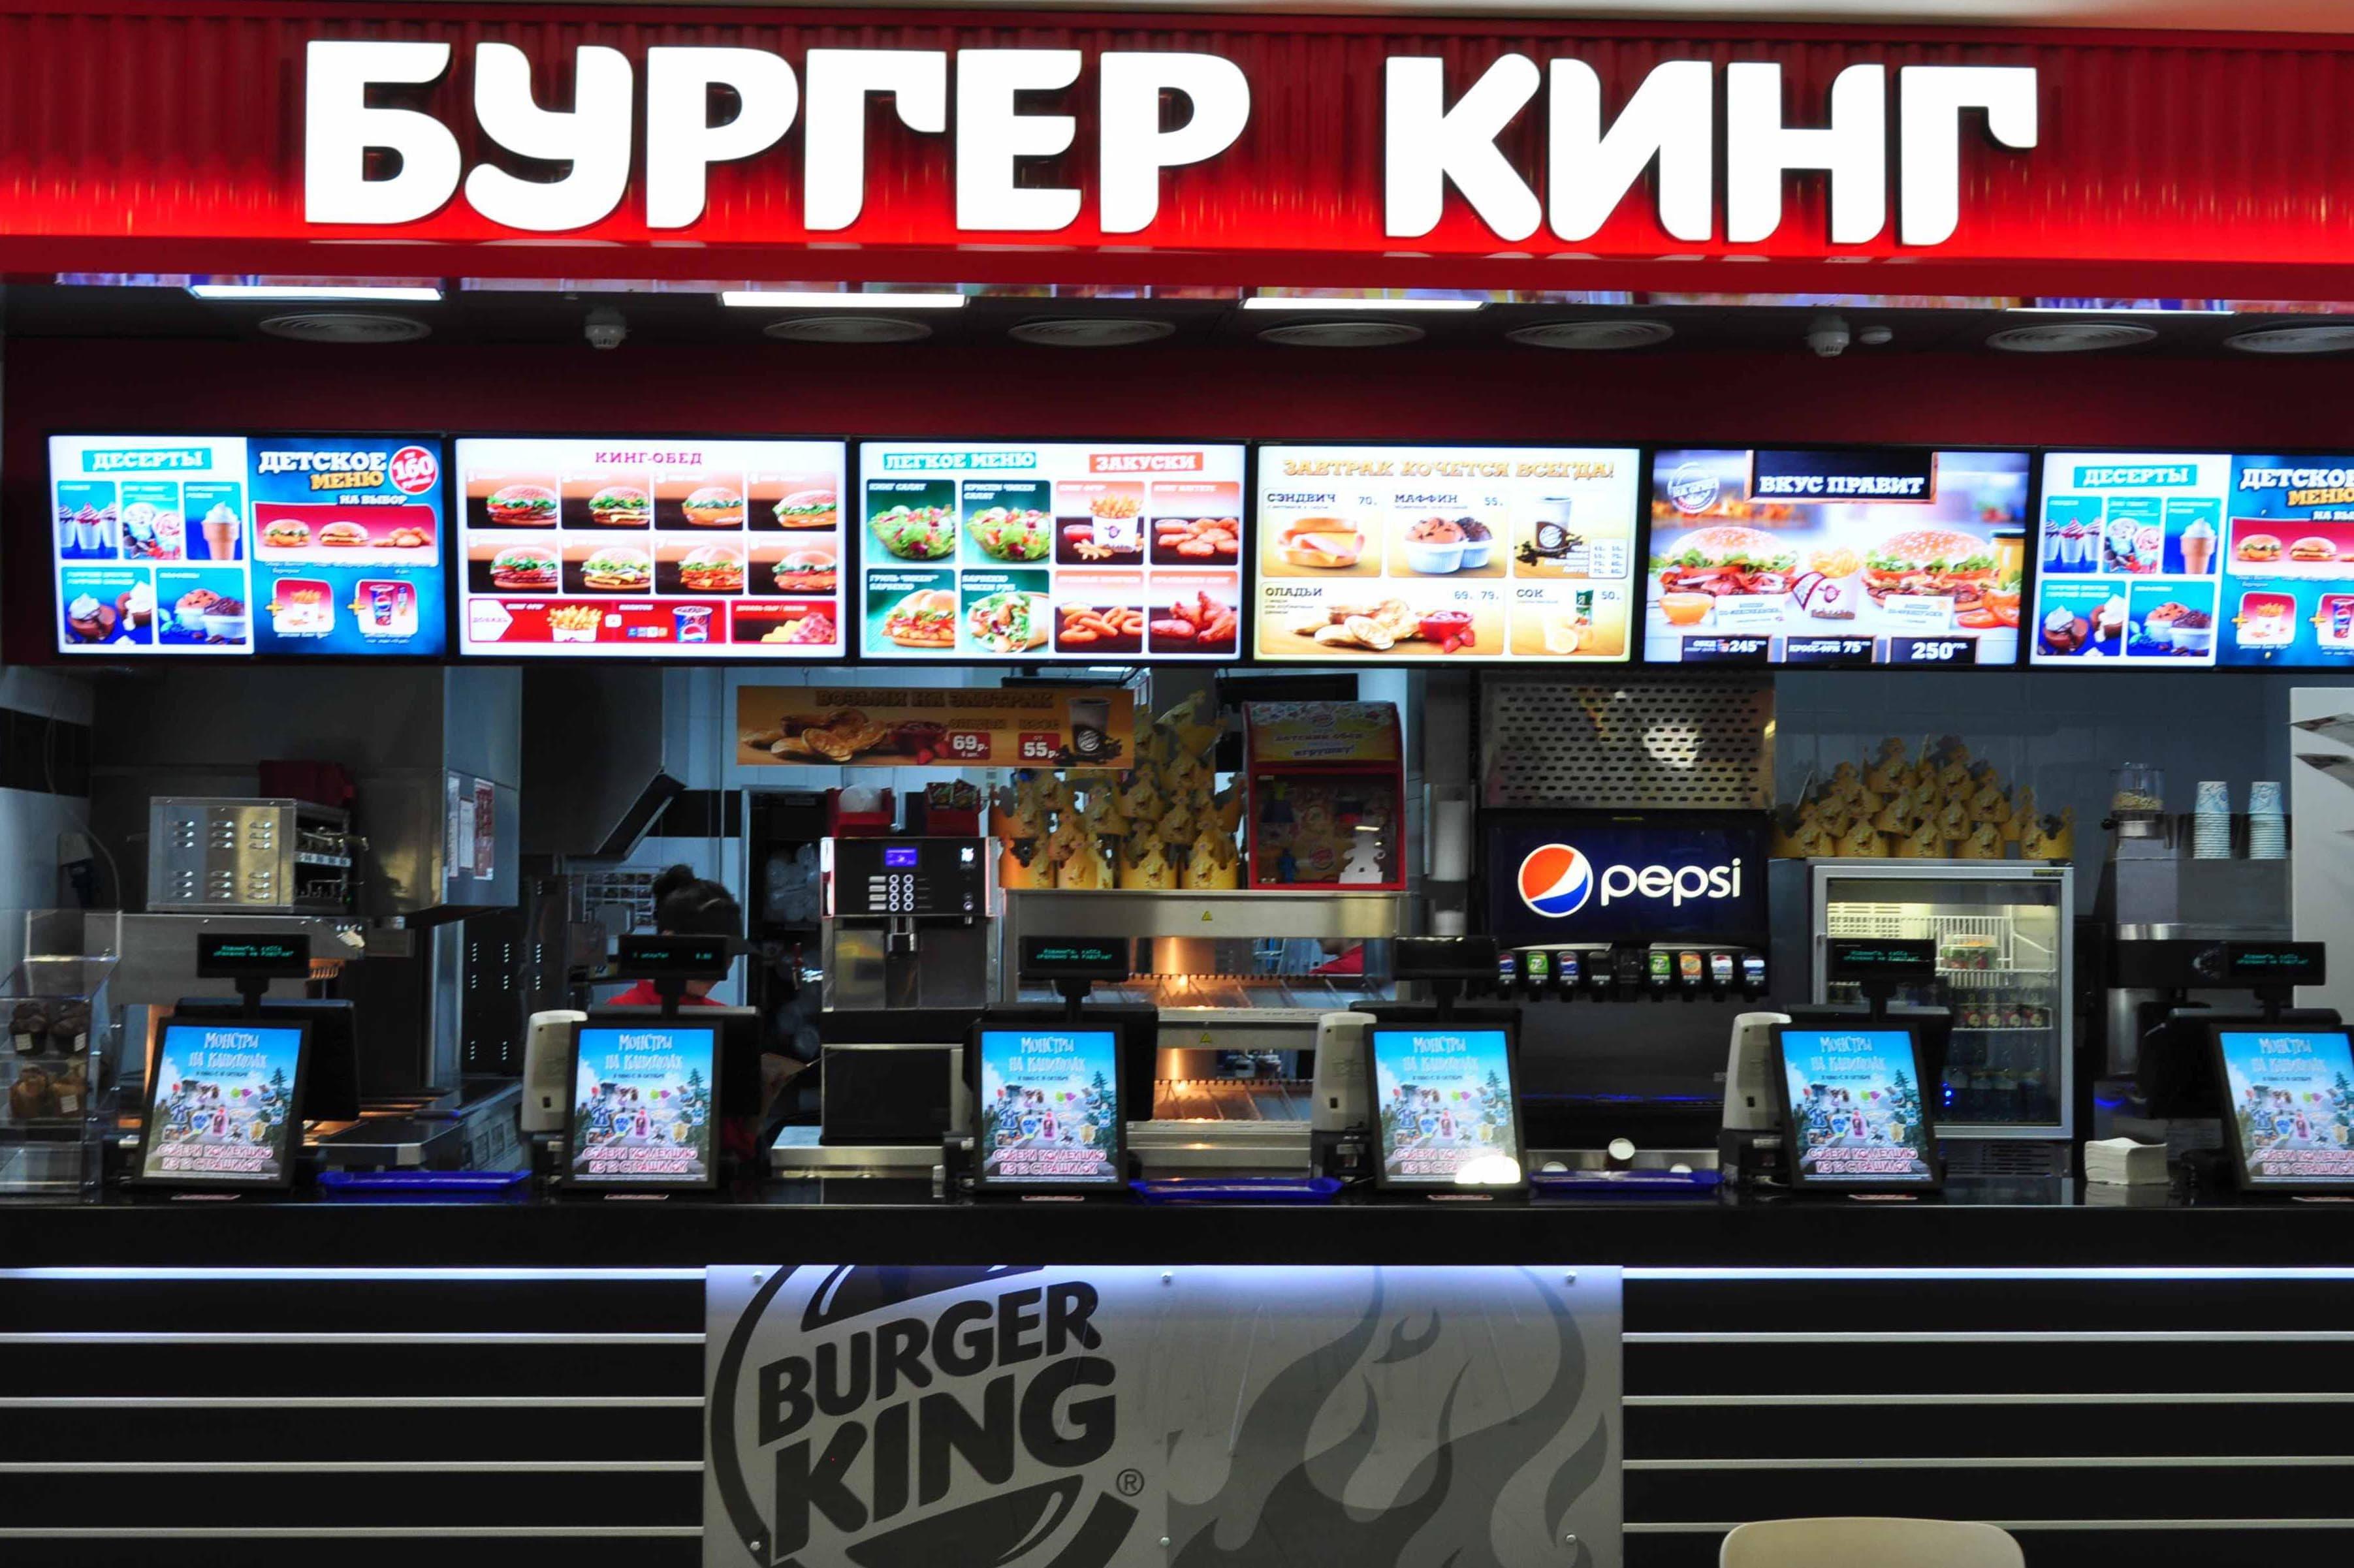 Ресторан быстрого питания Burger King.